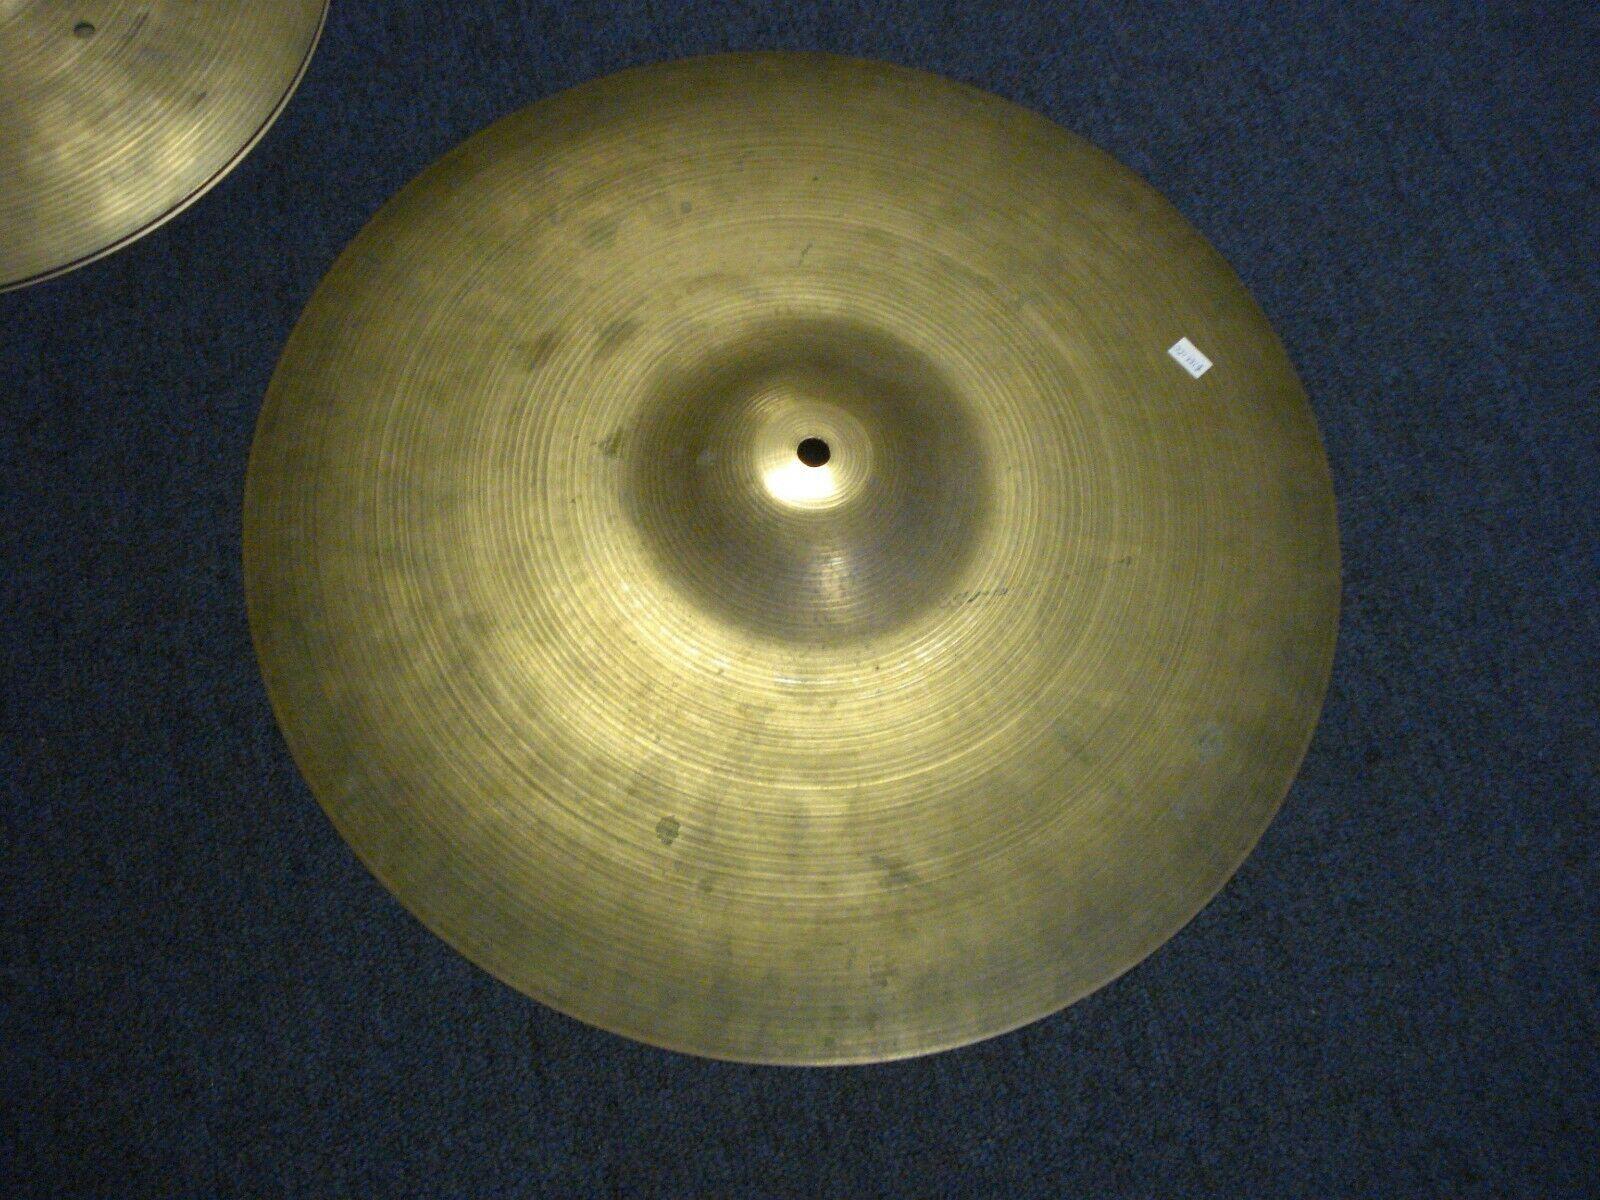 A Zildjian 18 inch cymbal